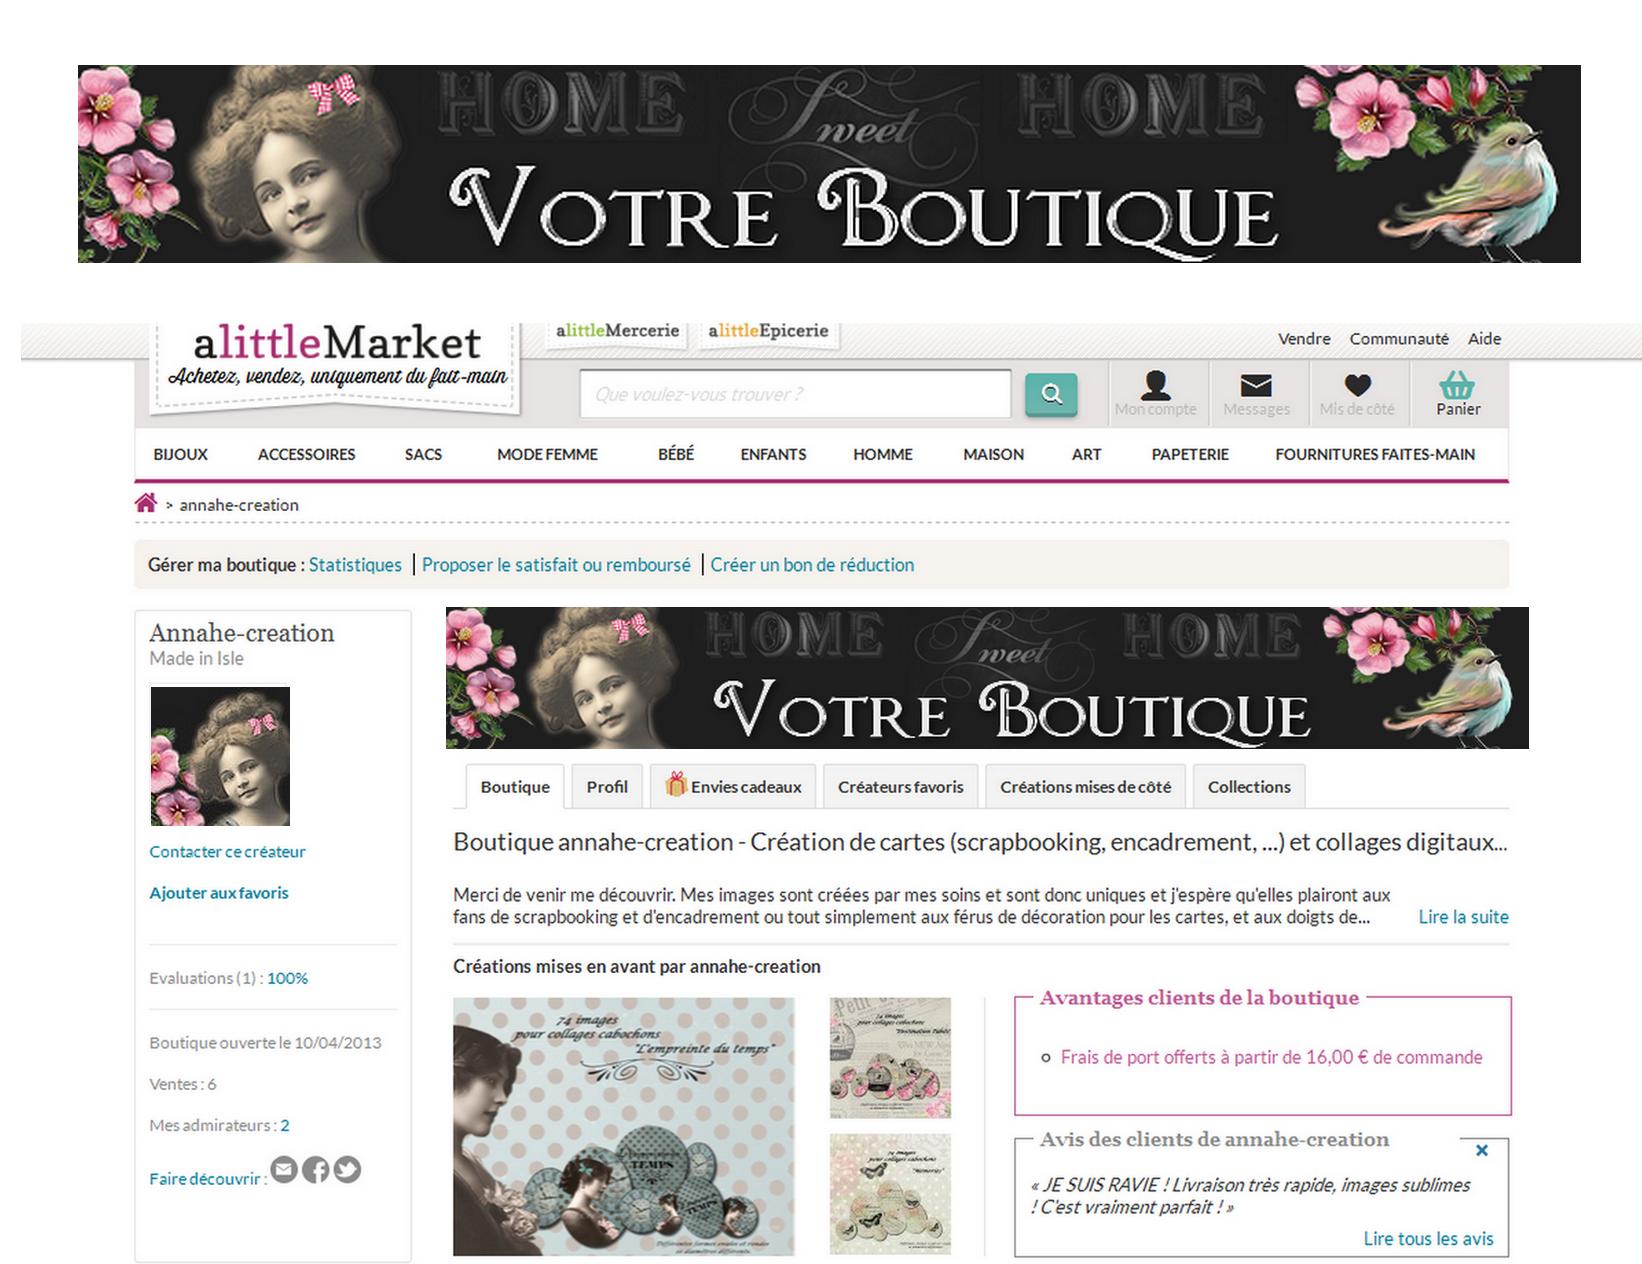 pr sentation banni re little market home sweet home. Black Bedroom Furniture Sets. Home Design Ideas